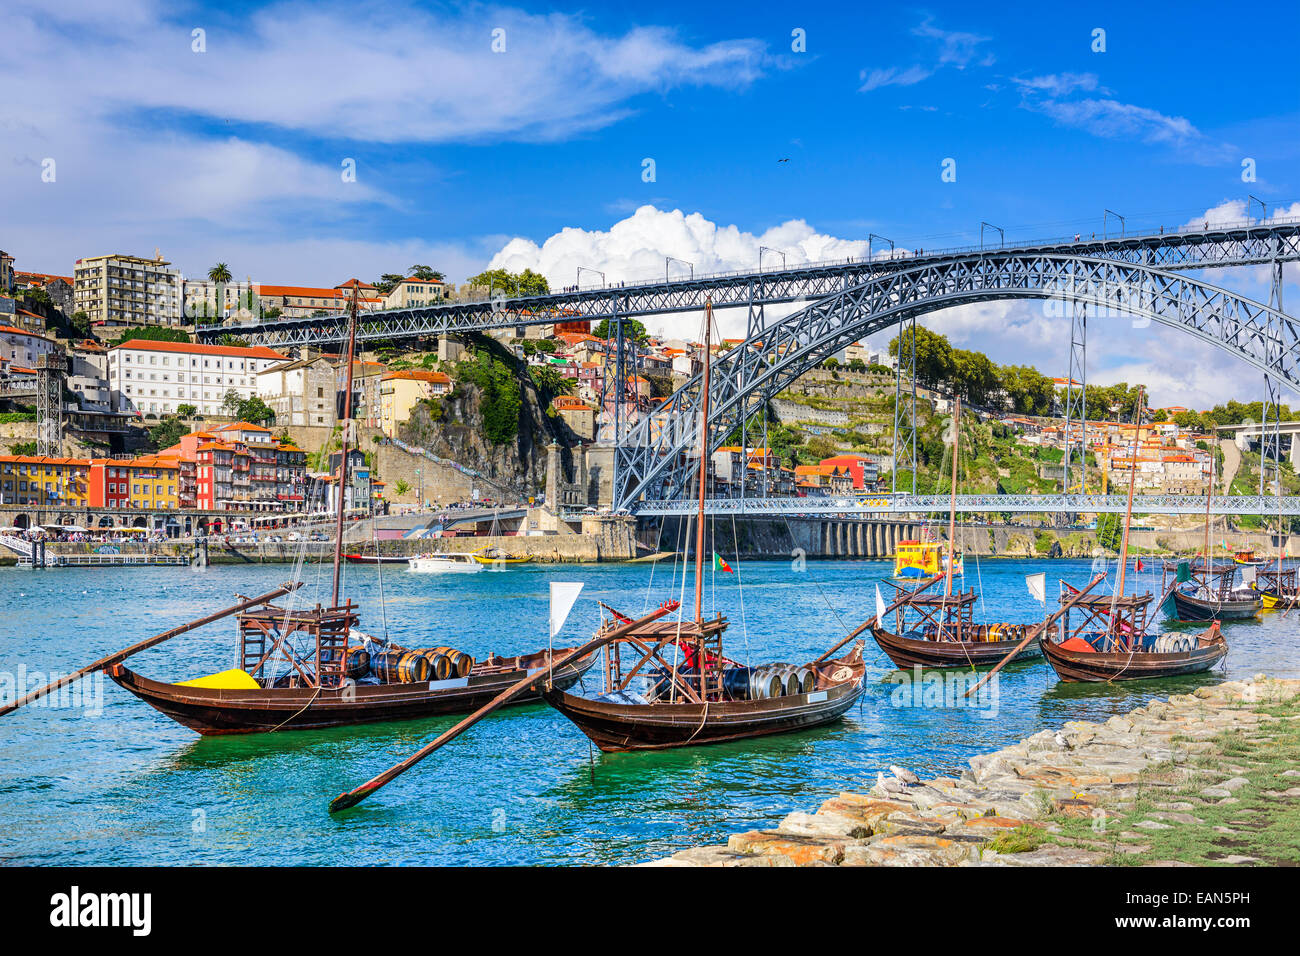 Porto, Portugal cityscape on the Douro River. - Stock Image